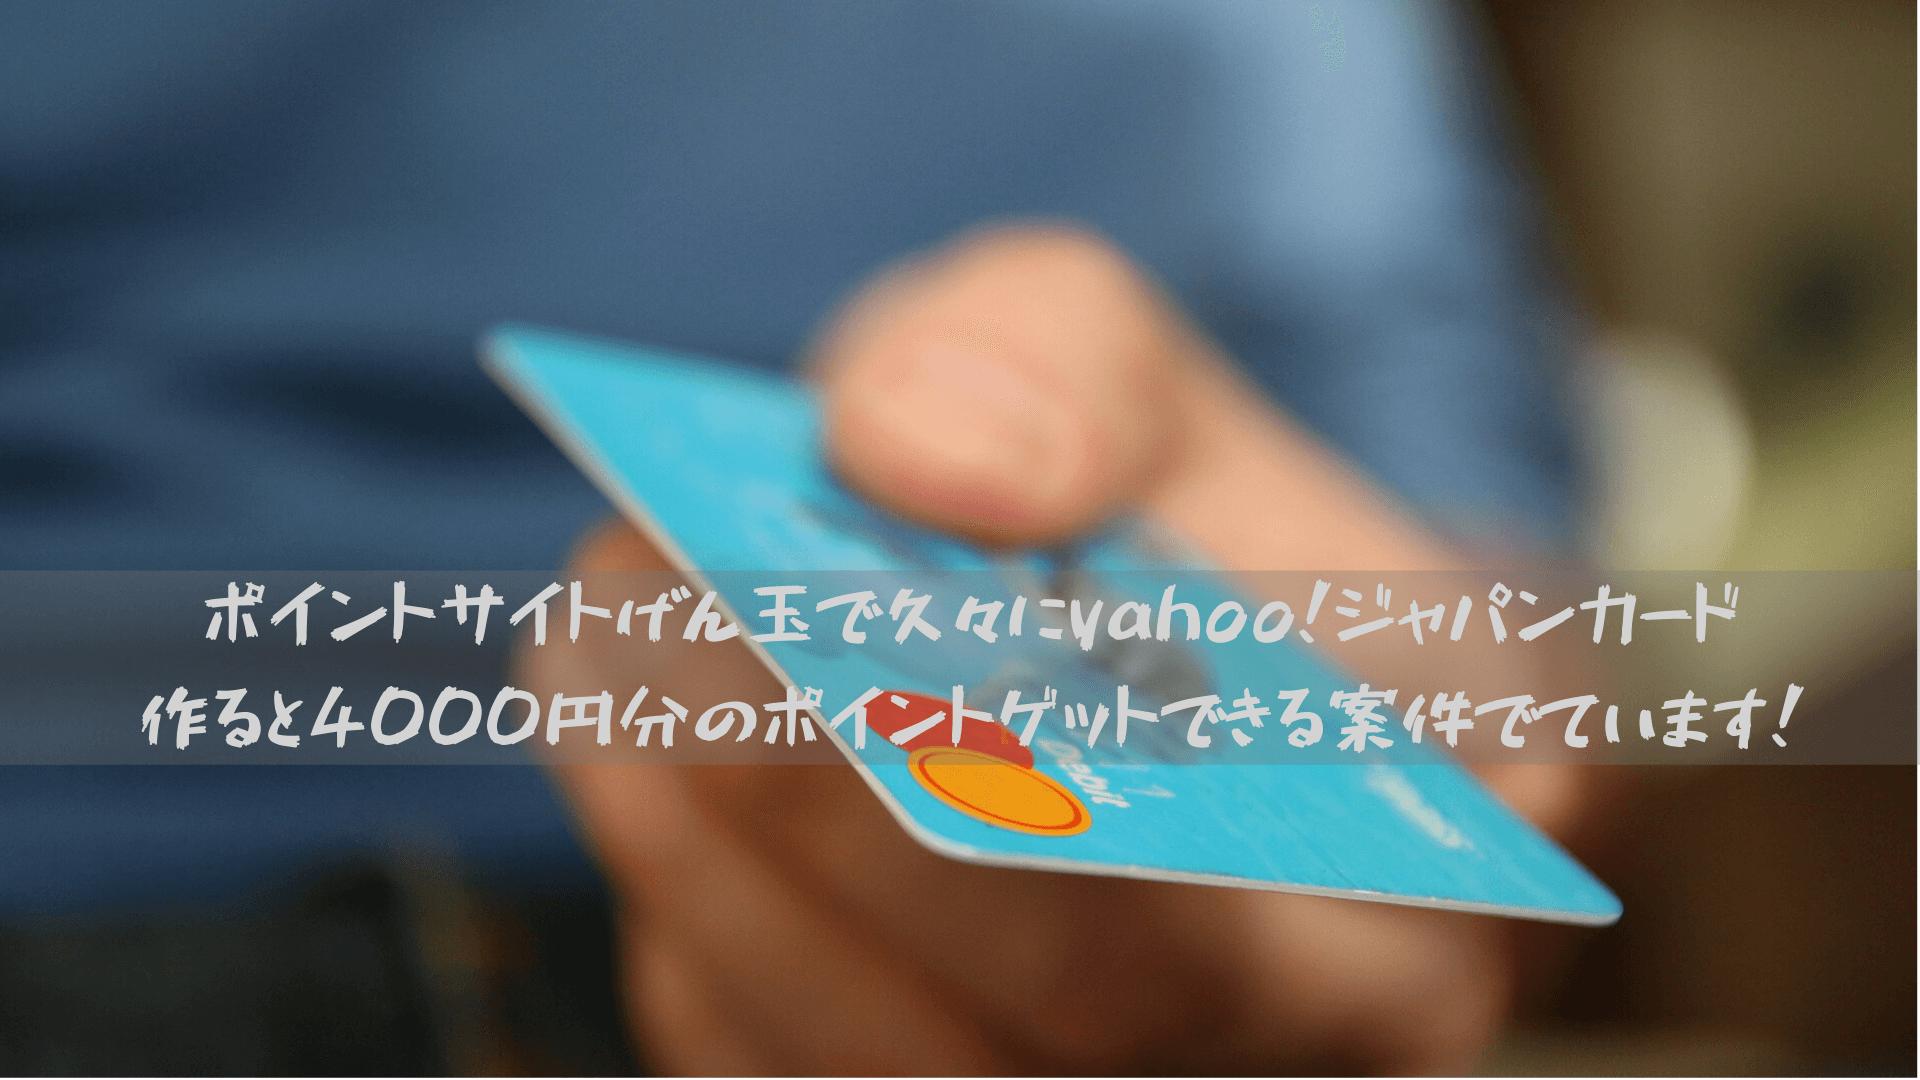 ポイントサイトげん玉で久々にyahoo!ジャパンカード作ると4000円分のポイントゲットできる案件でています!